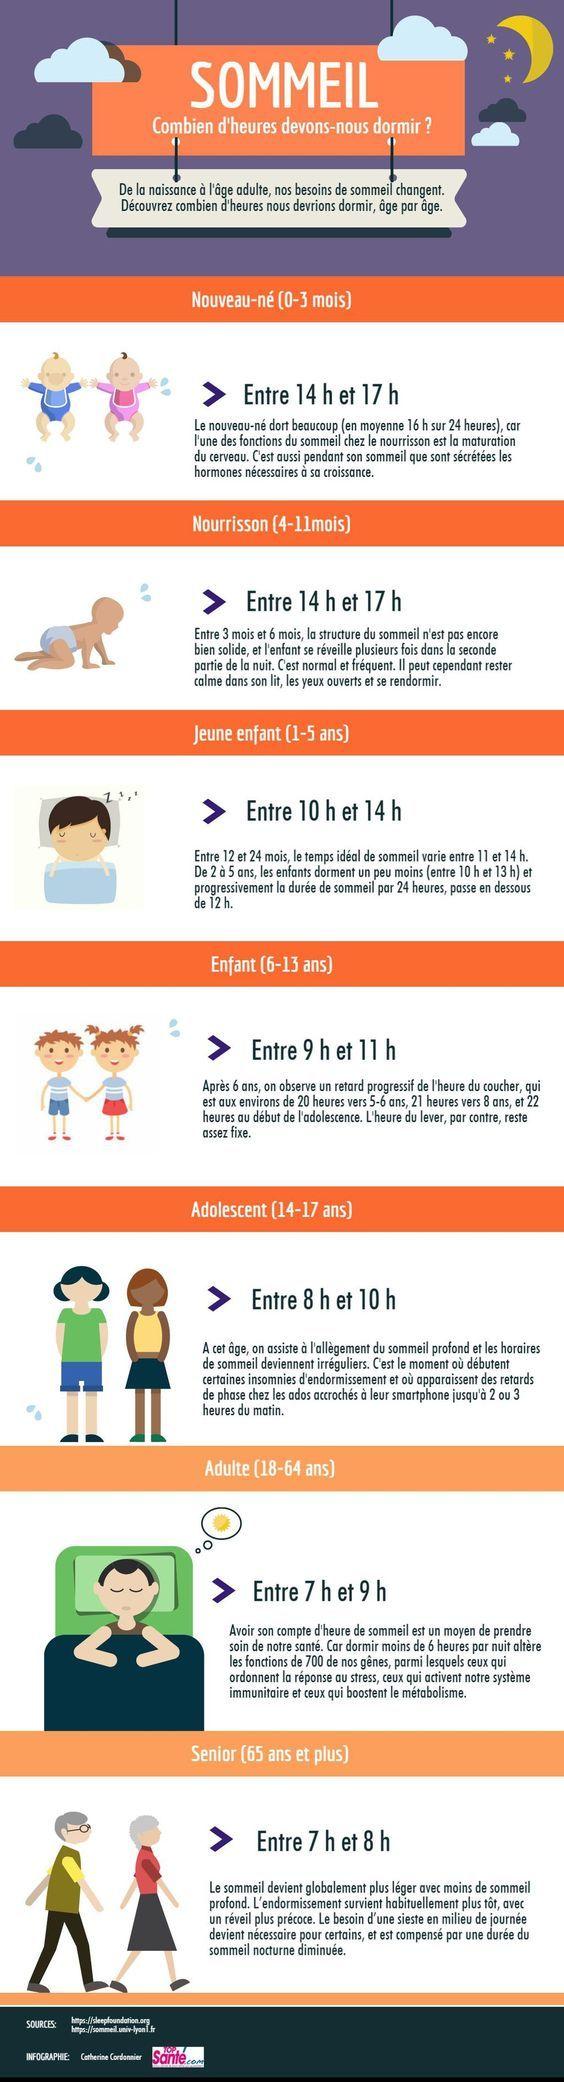 Infographie : Les besoins en sommeil selon l'âge